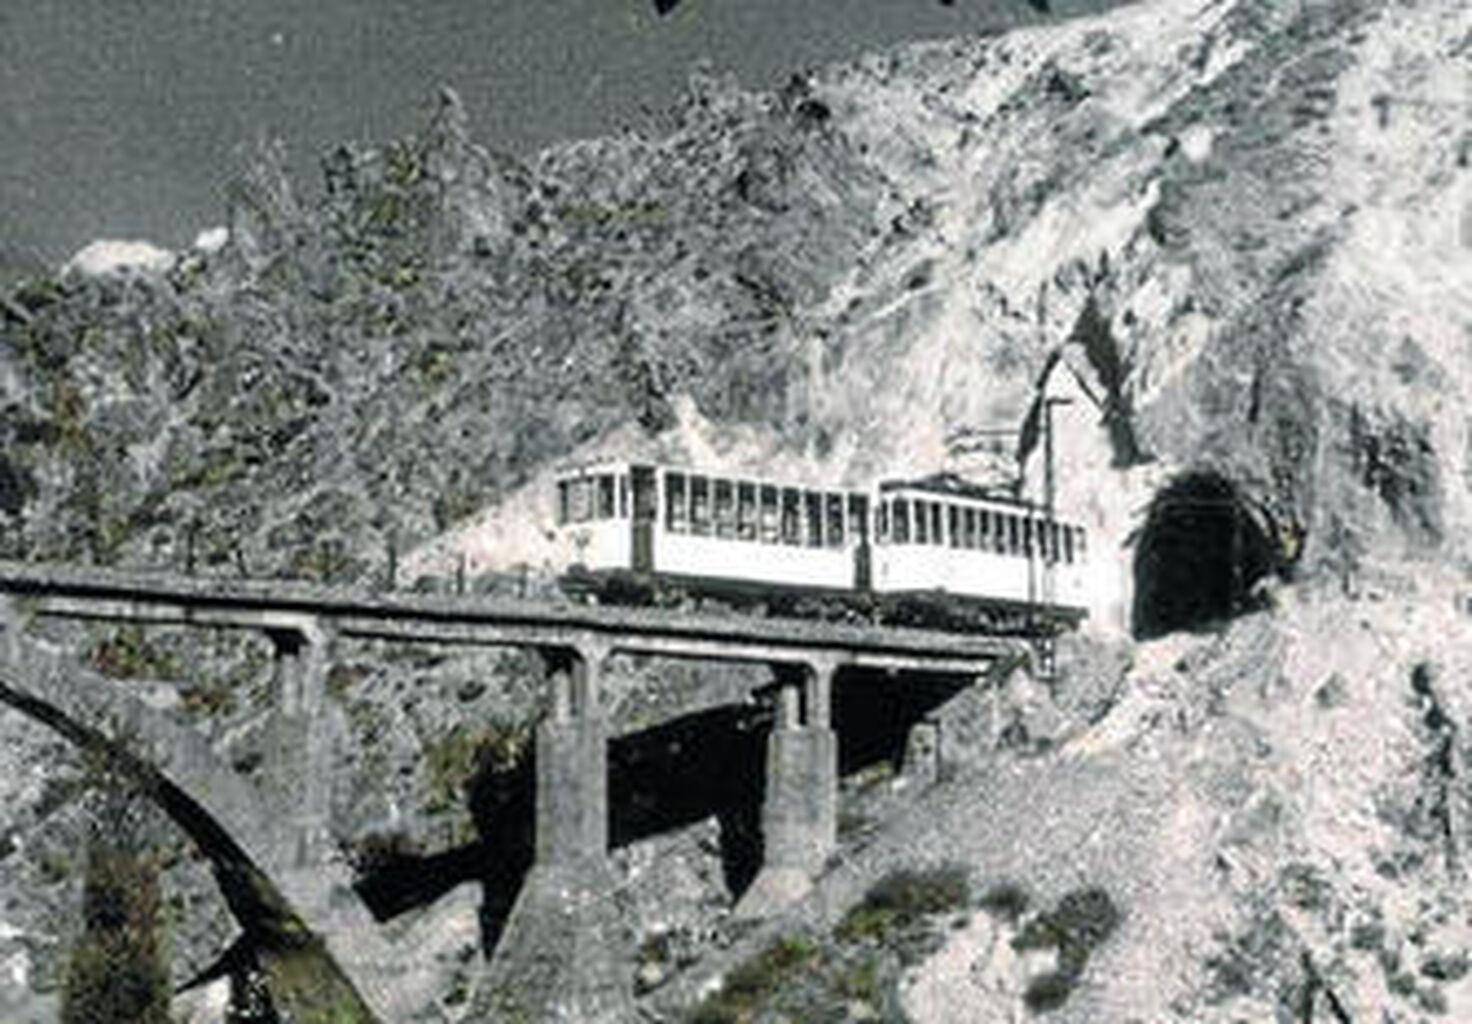 Tranvía de Sierra Nevada, impulsado por el ingeniero Juan José Santa Cruz.